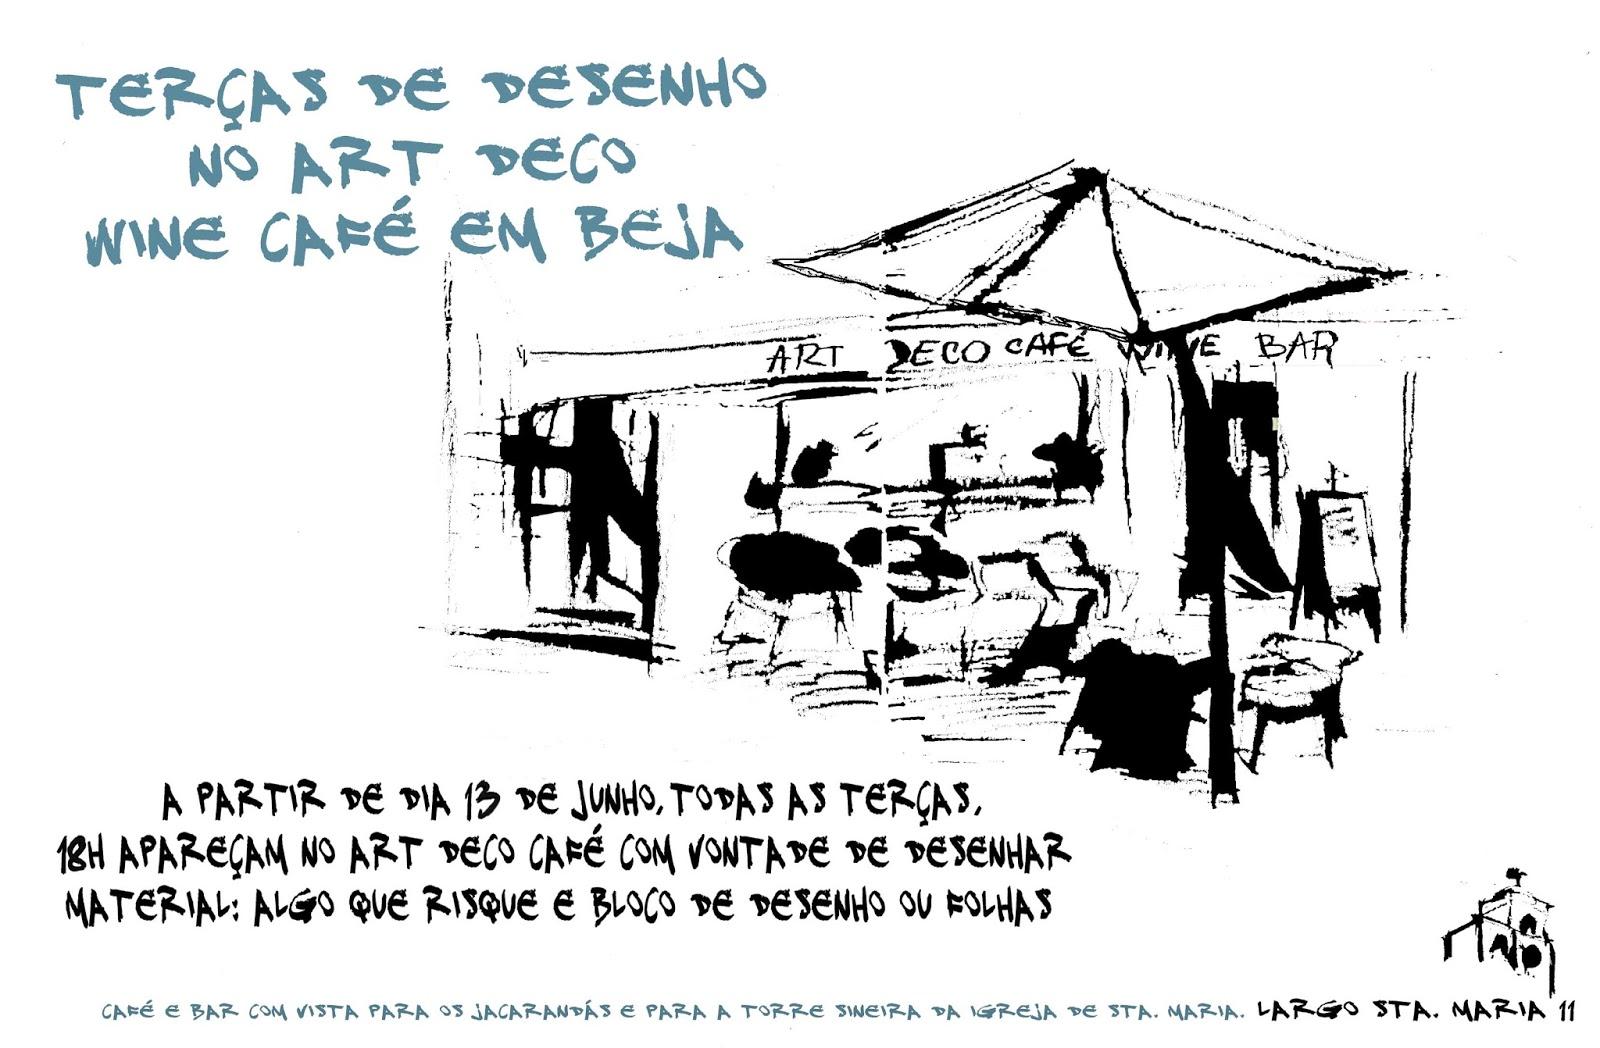 TERÇAS NO ART DECO CAFÉ - BEJA